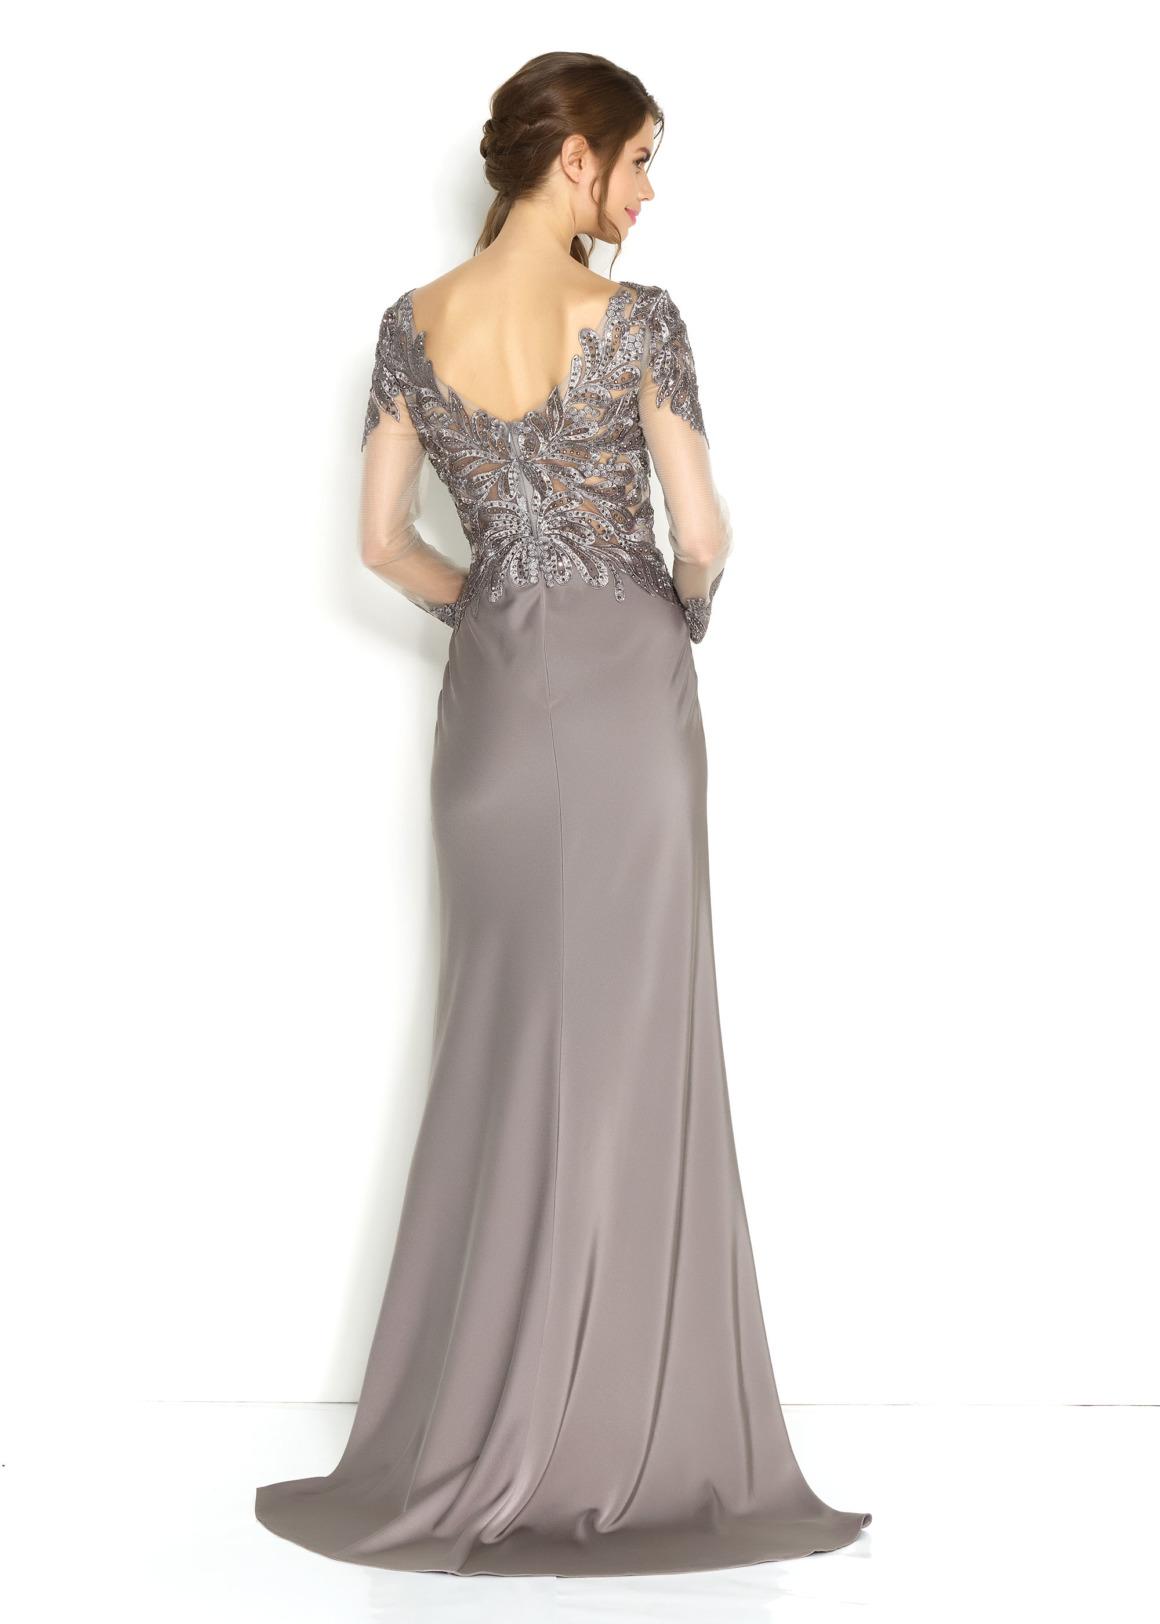 Silberhochzeit Goldhochzeit Abendkleider Festmode für Damen Jubiläumshochzeit langes Kleid in silber grau mit langem Arm Oberteil mit Stickerei Rock schlicht Rückenansicht